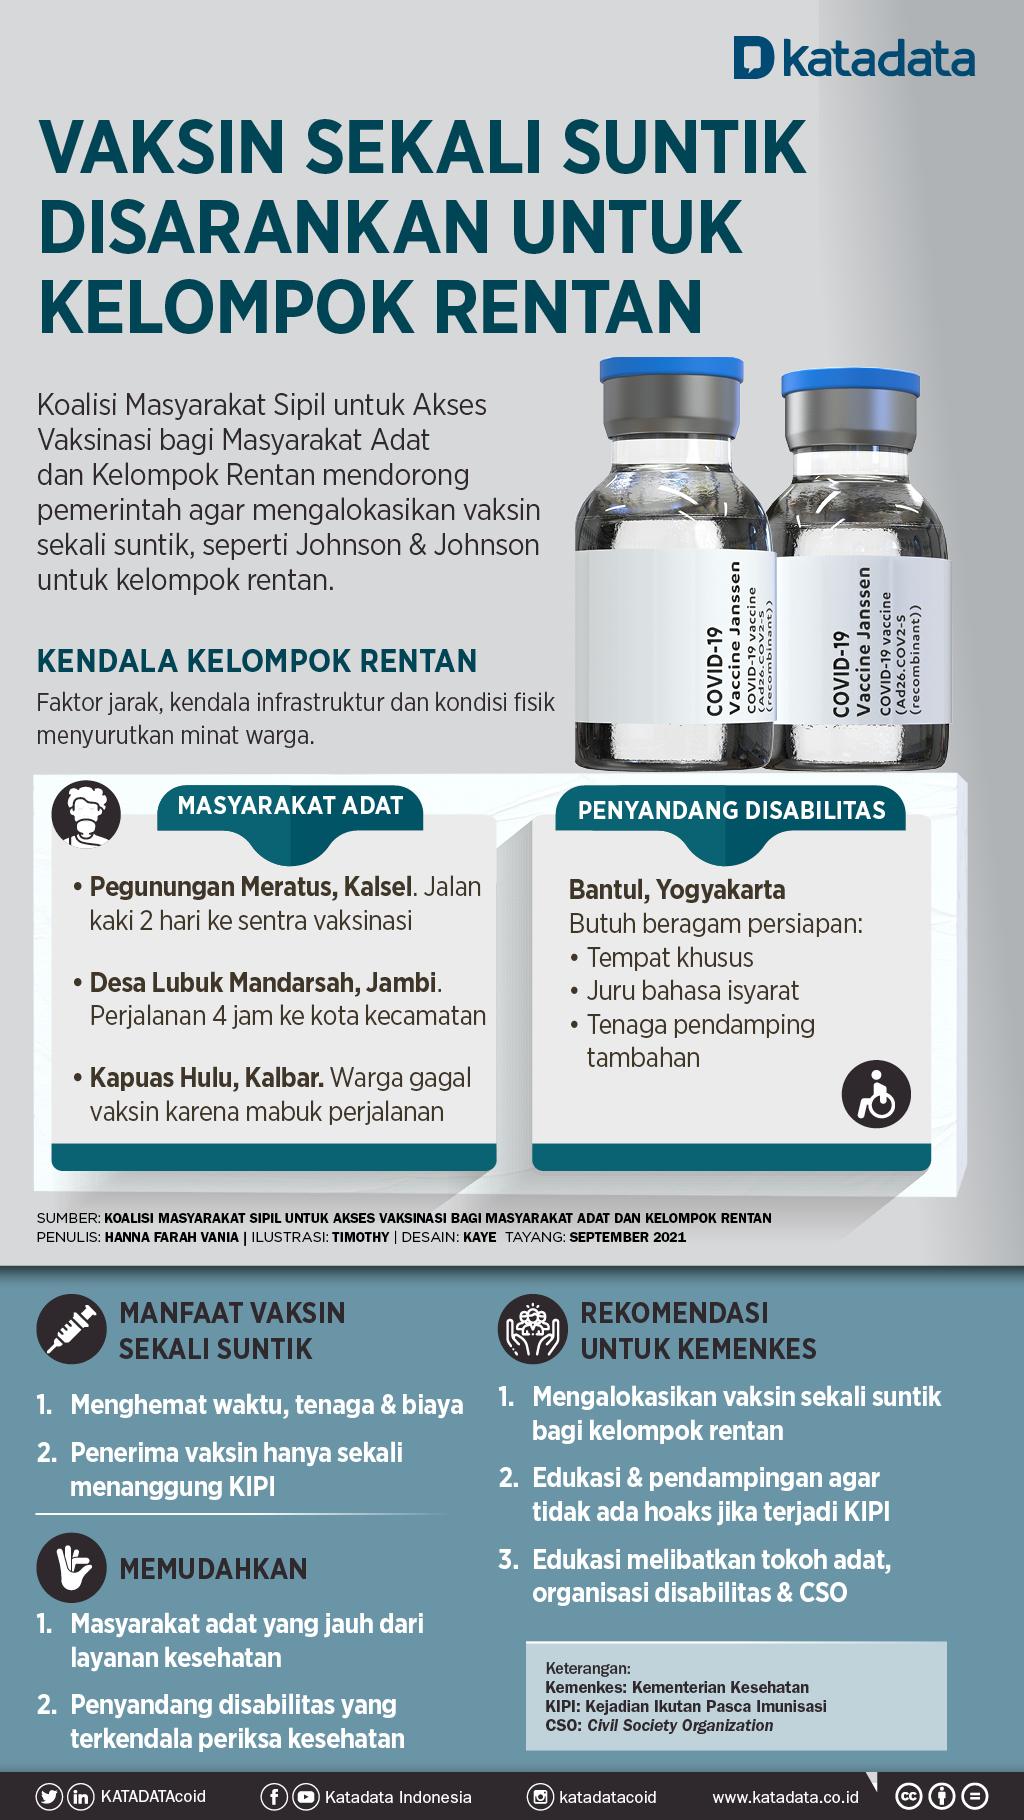 Infografik_Vaksin Sekali Suntik Disarankan Untuk Kelompok Rentan